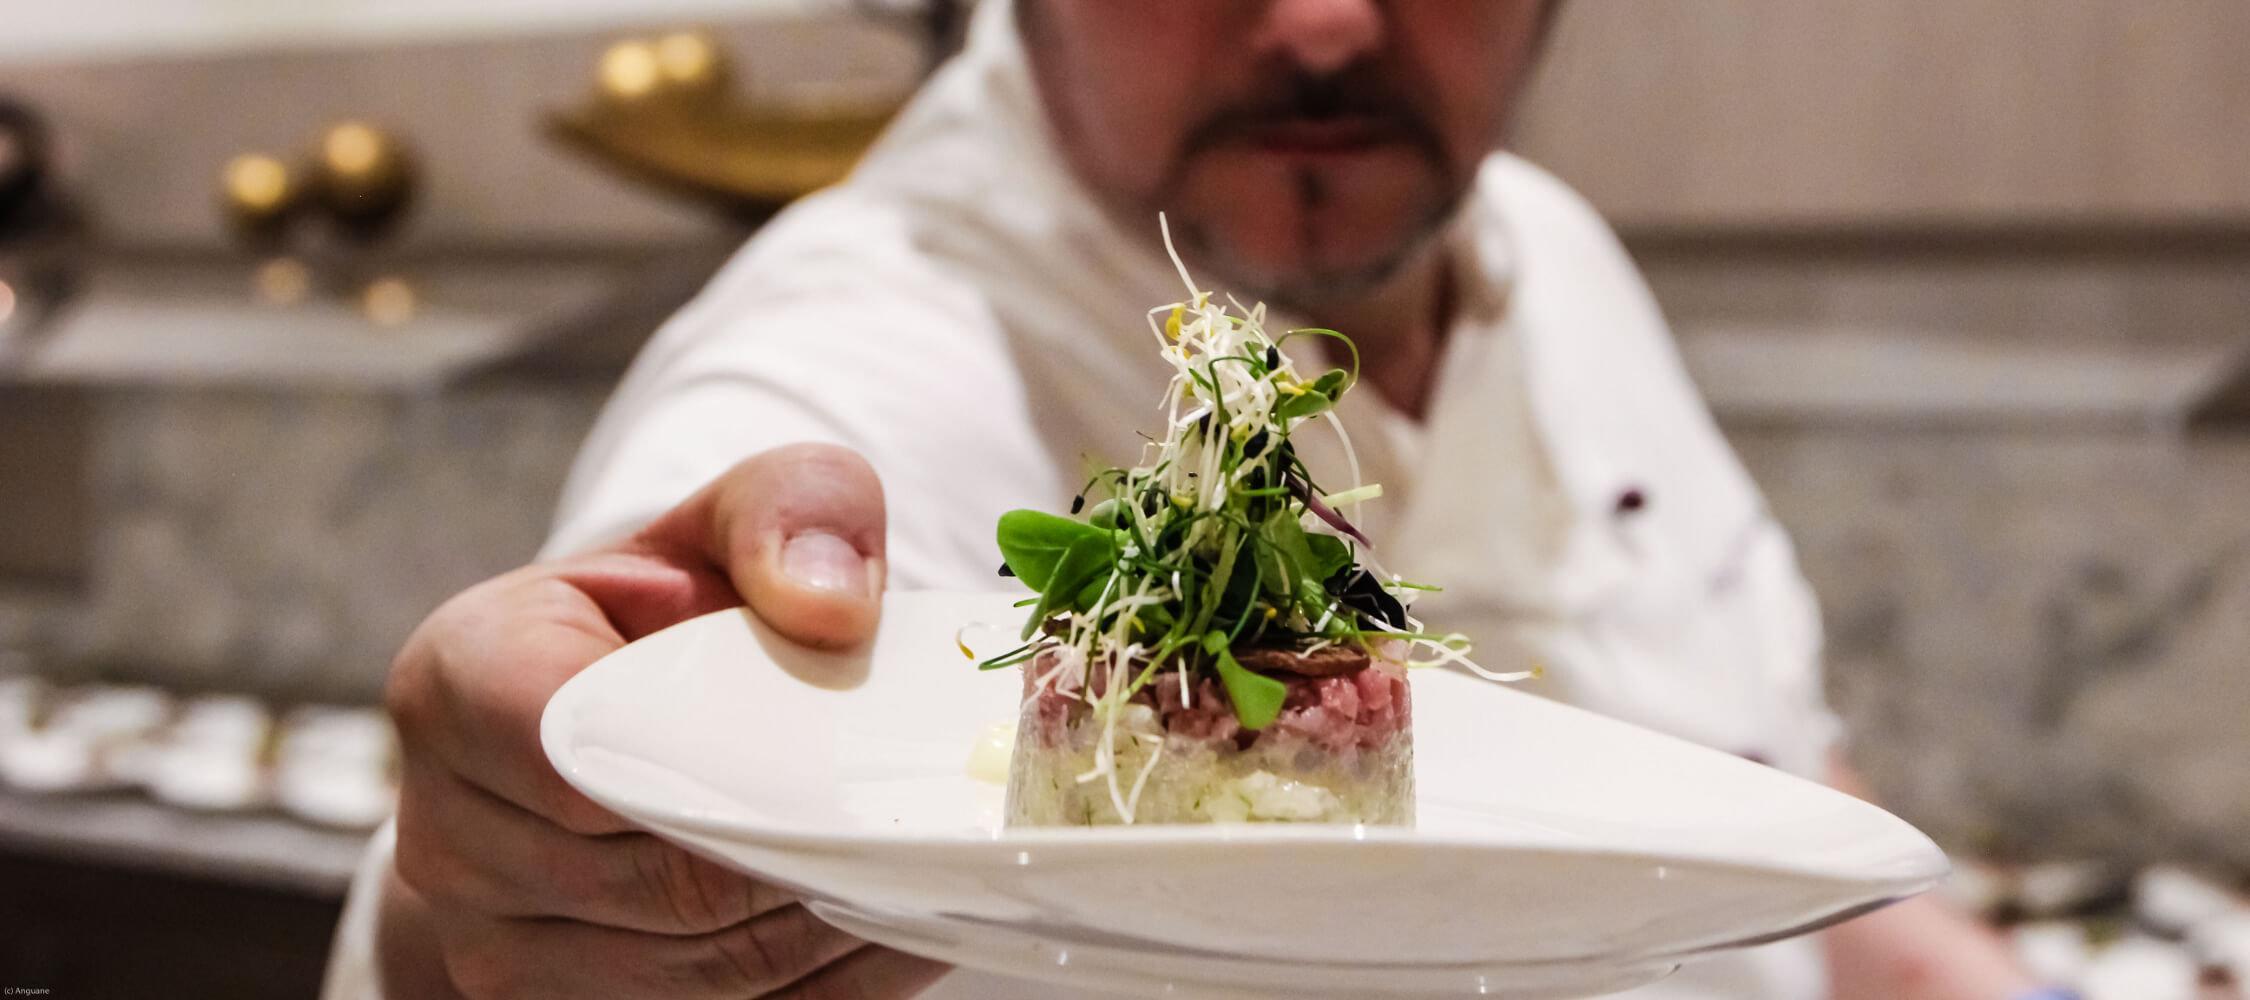 Ristorante The Gallery, City Hotel Merano, aperitivo Lungo con Fingerfood, menu di Tapas, cene di gala per per persone con intolleranze alimentari